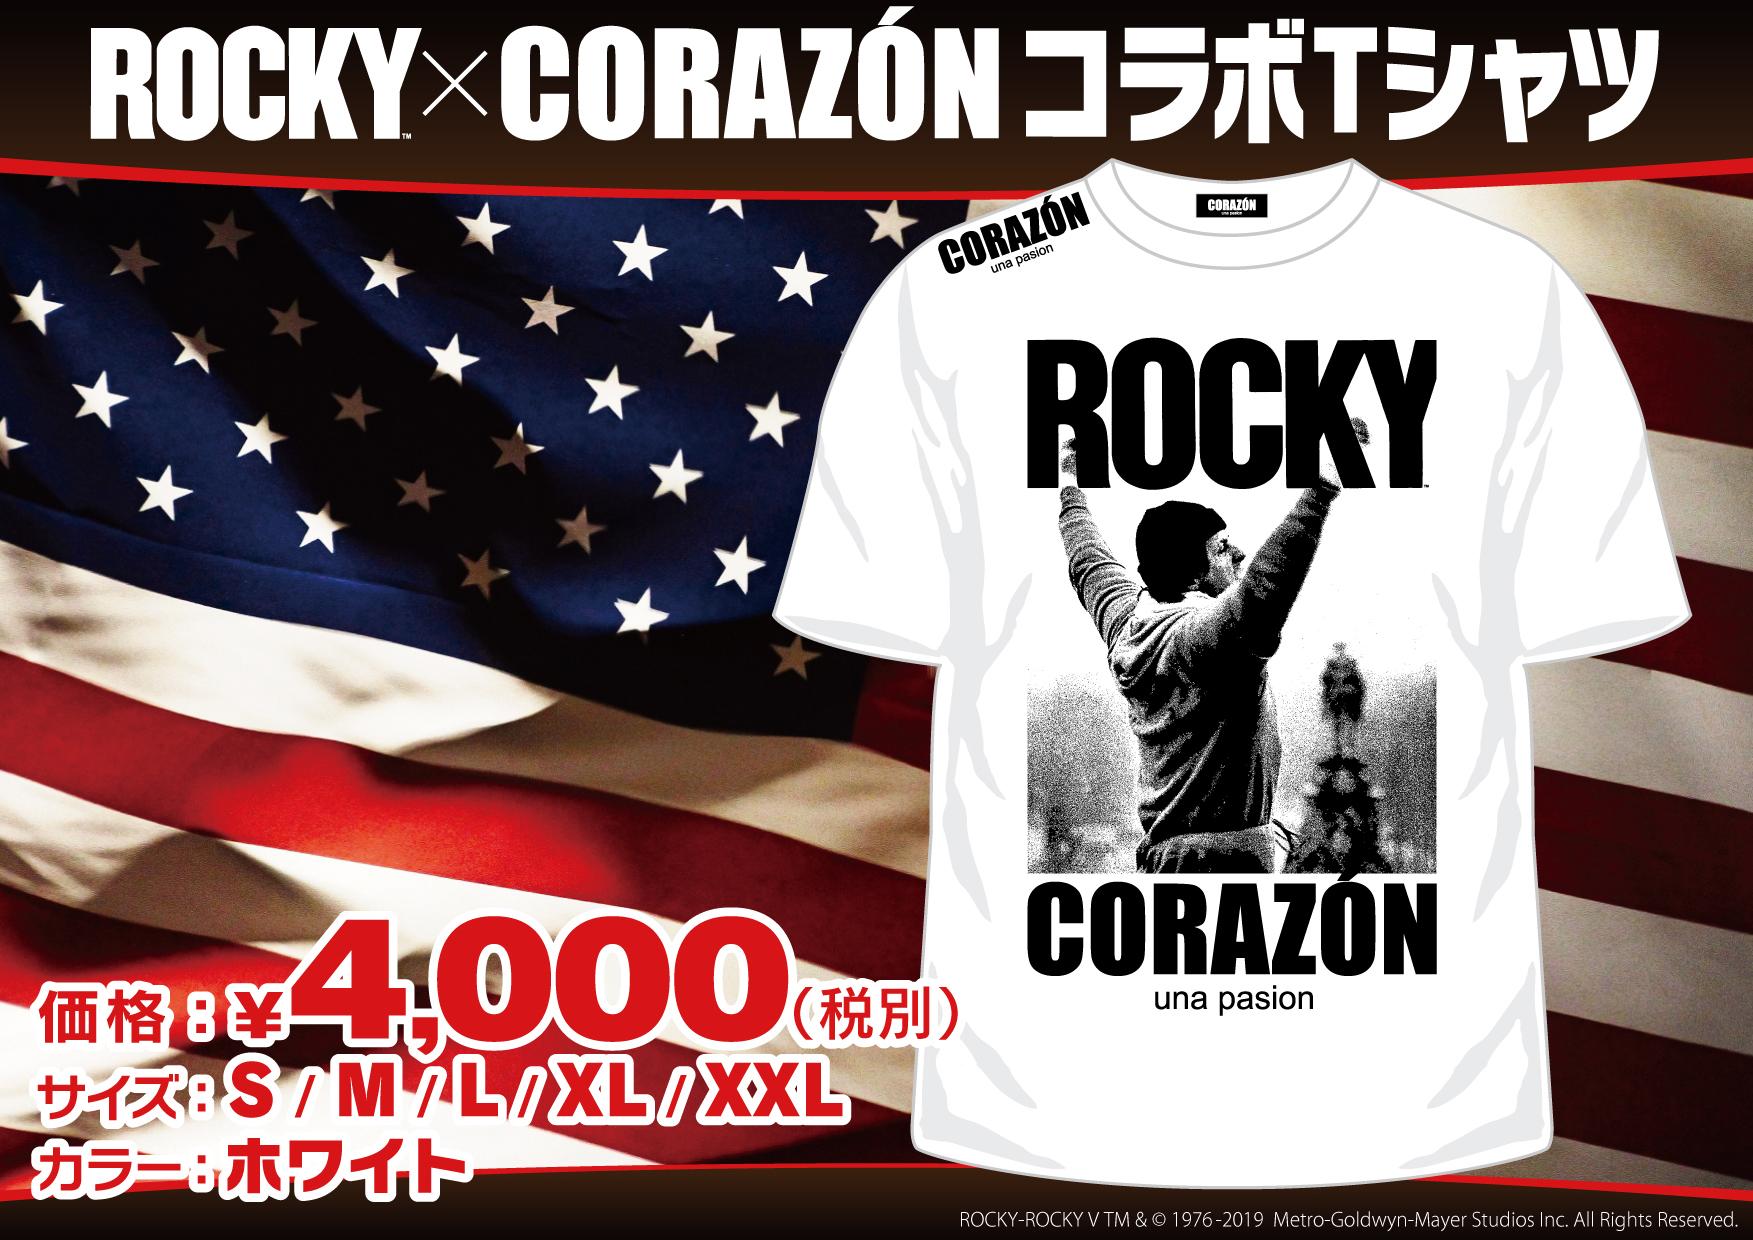 【ROCKY】ROCKY×CORAZON